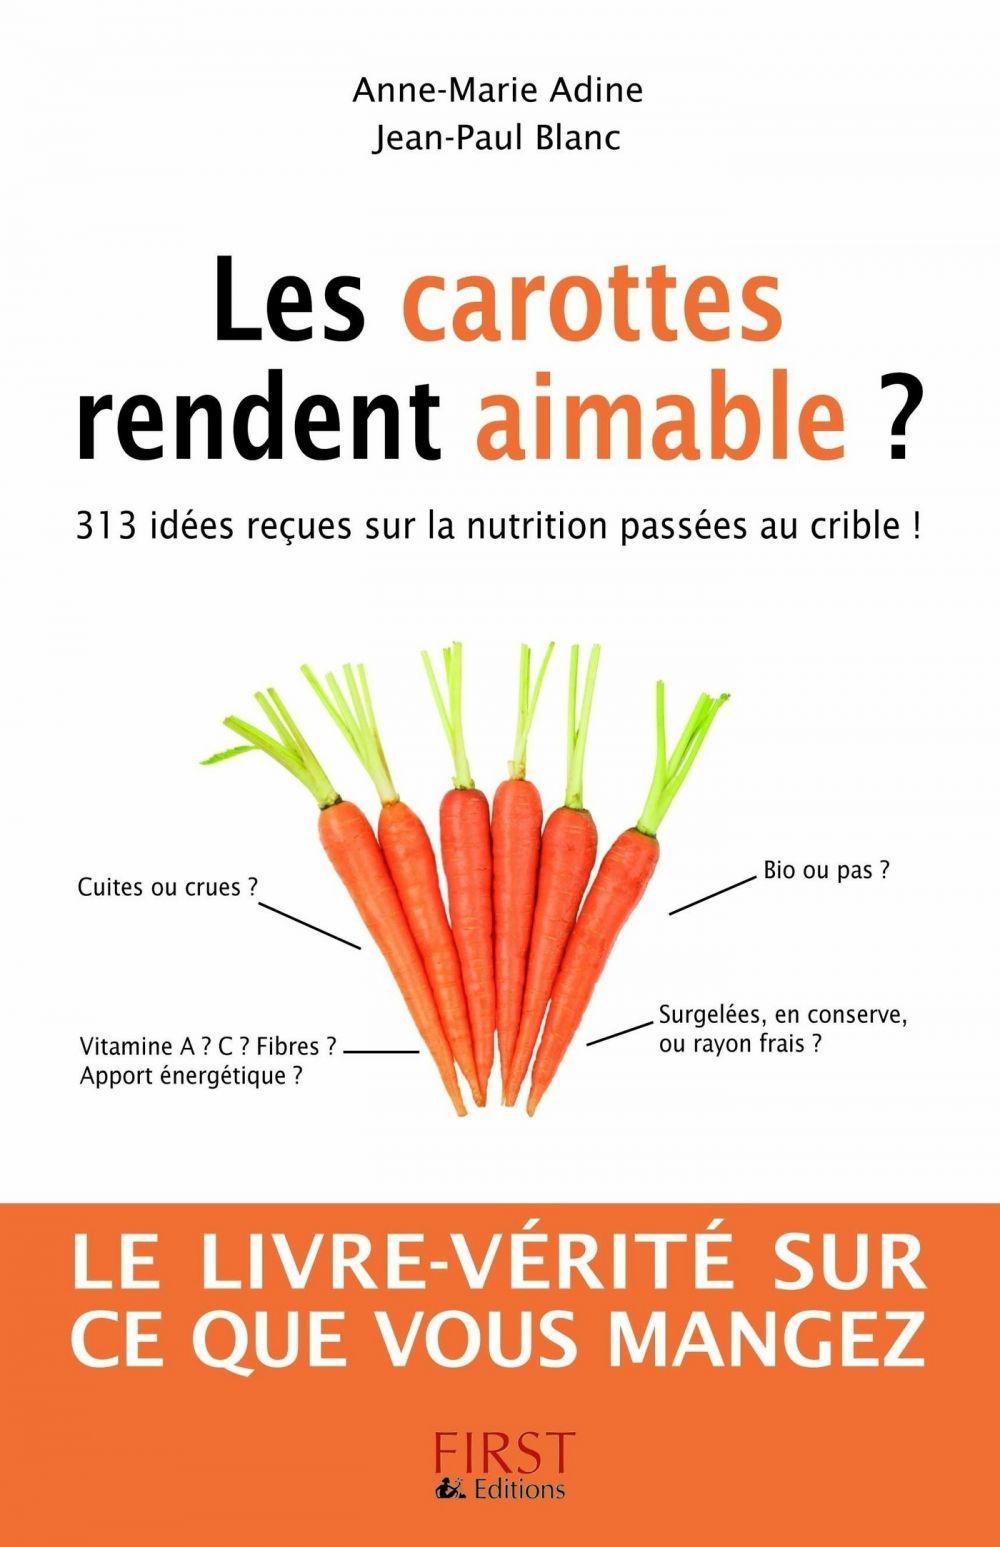 Les carottes rendent aimable ? 313 idées reçues sur la nutrition |